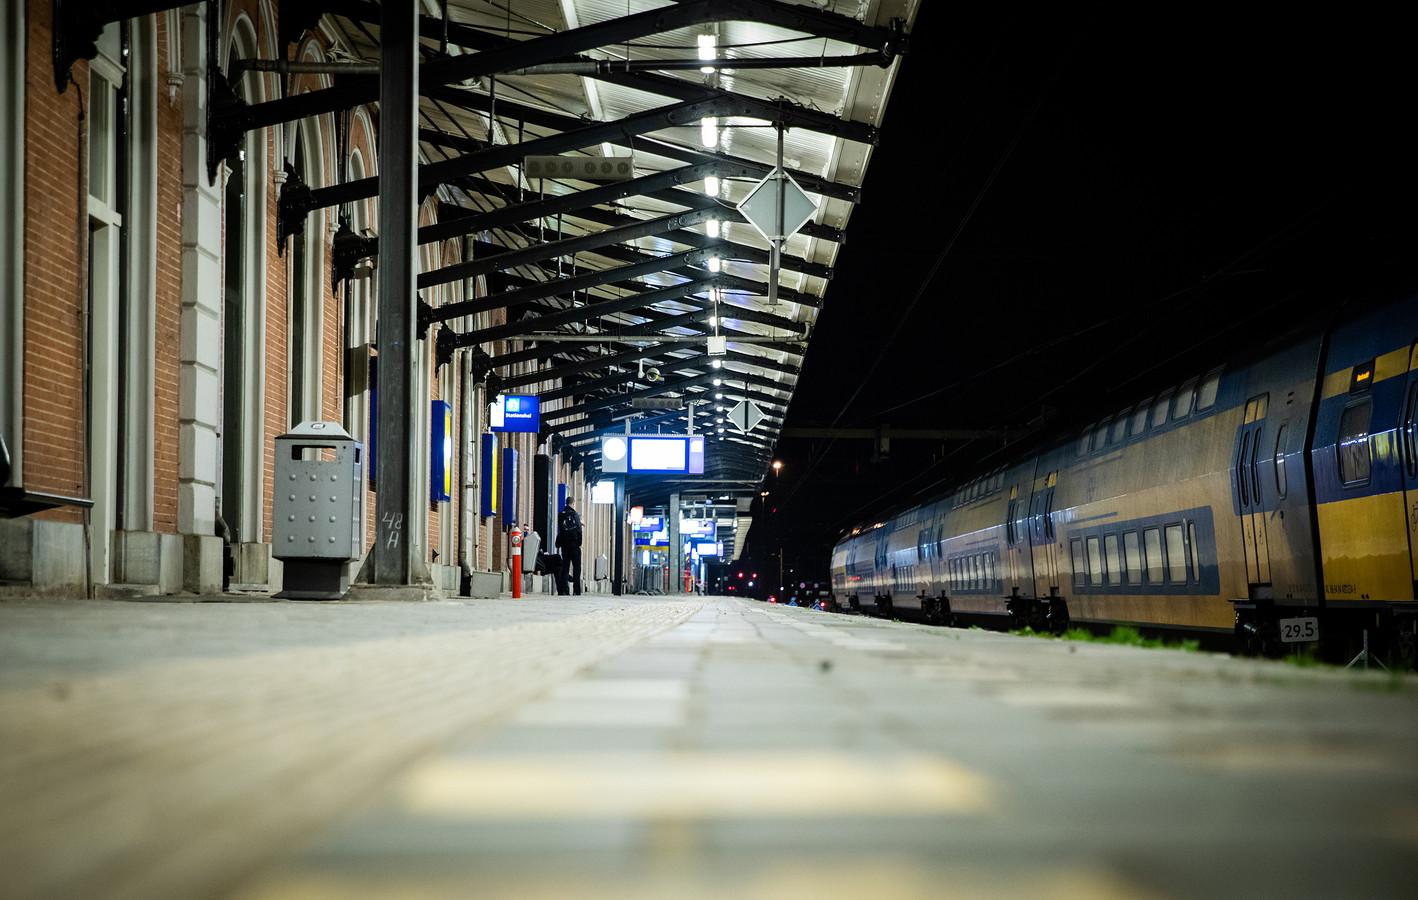 Treinen rijden wel, maar alleen voor mensen met een zogenoemd vitaal beroep. Het resultaat: nagenoeg lege wagons op een verder doodstil NS-station.